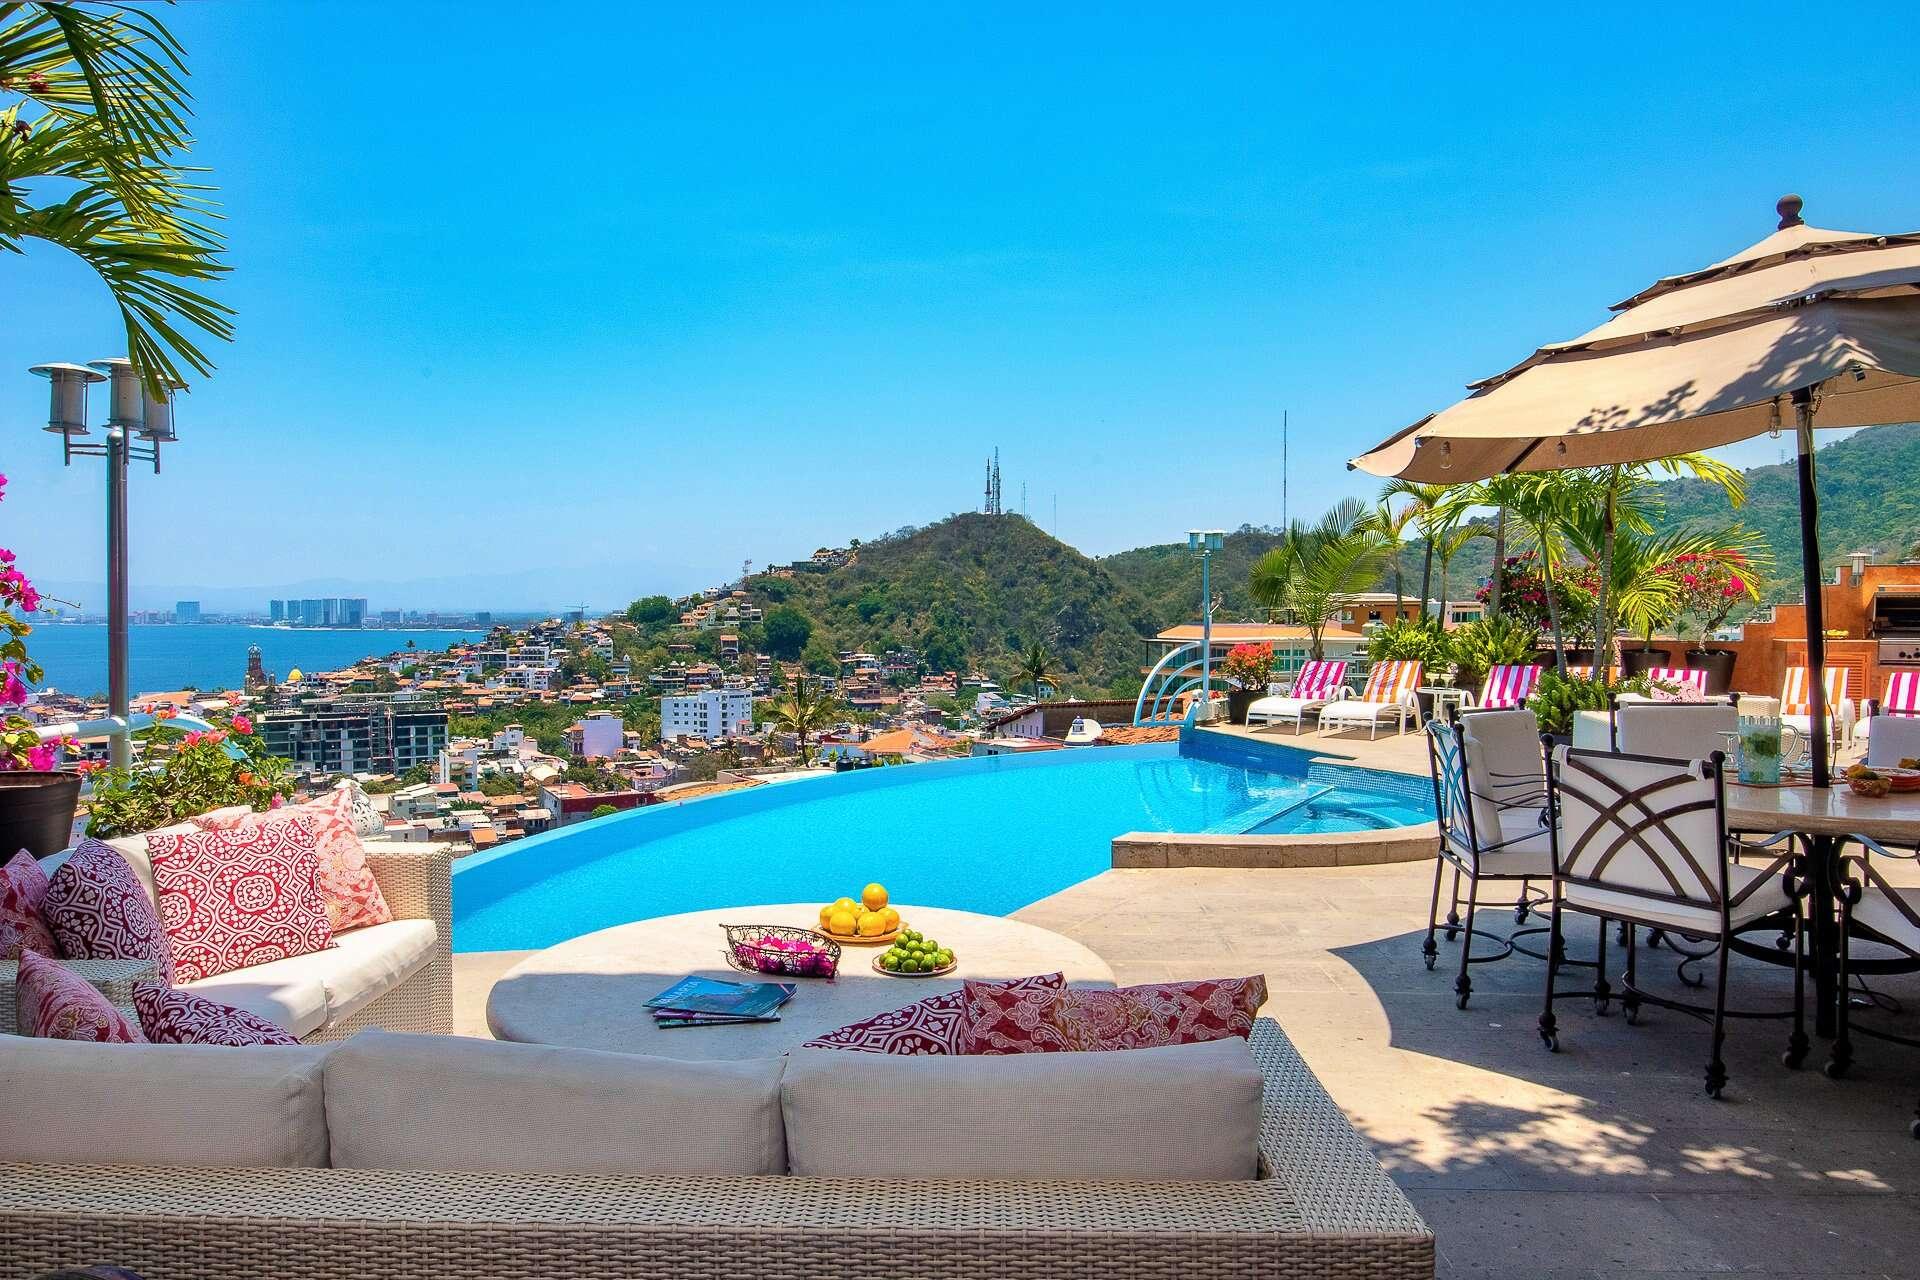 Luxury vacation rentals mexico - Puerto vallarta - Alta vista - No location 4 - Casa Yvonneka - Image 1/42